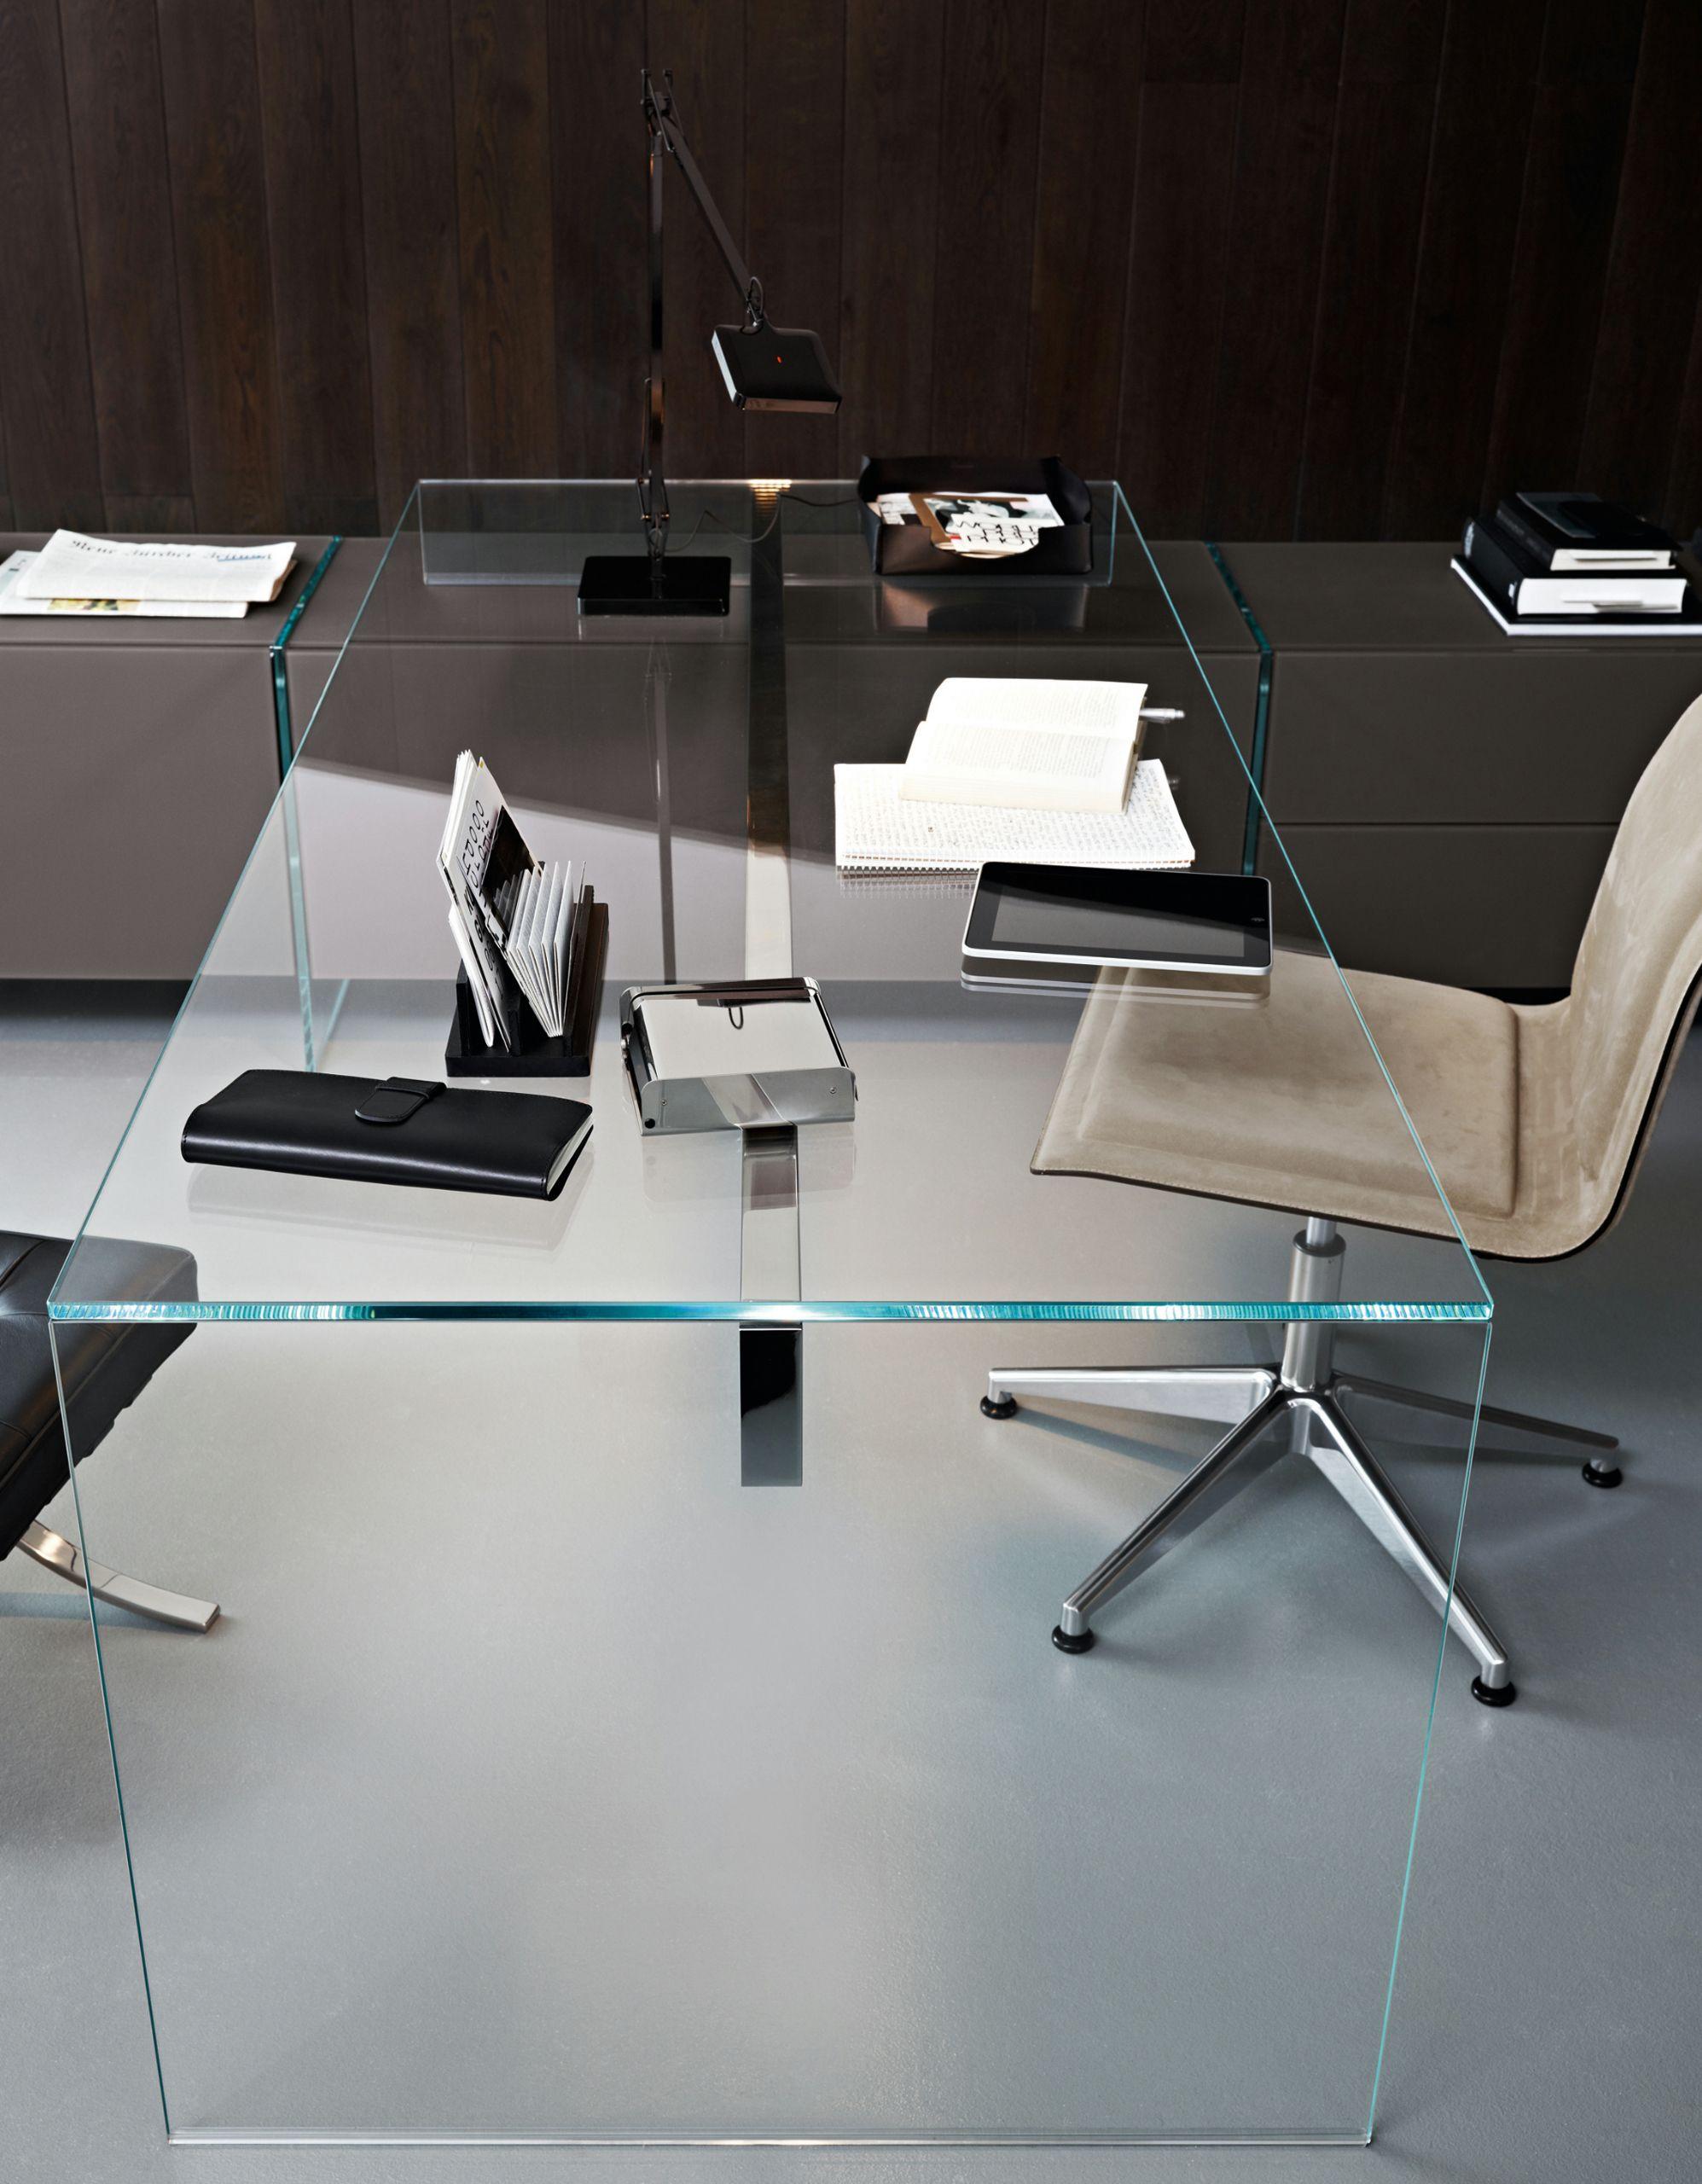 Escritorio de cristal air desk 1 by gallotti radice dise o for Escritorios para disenadores